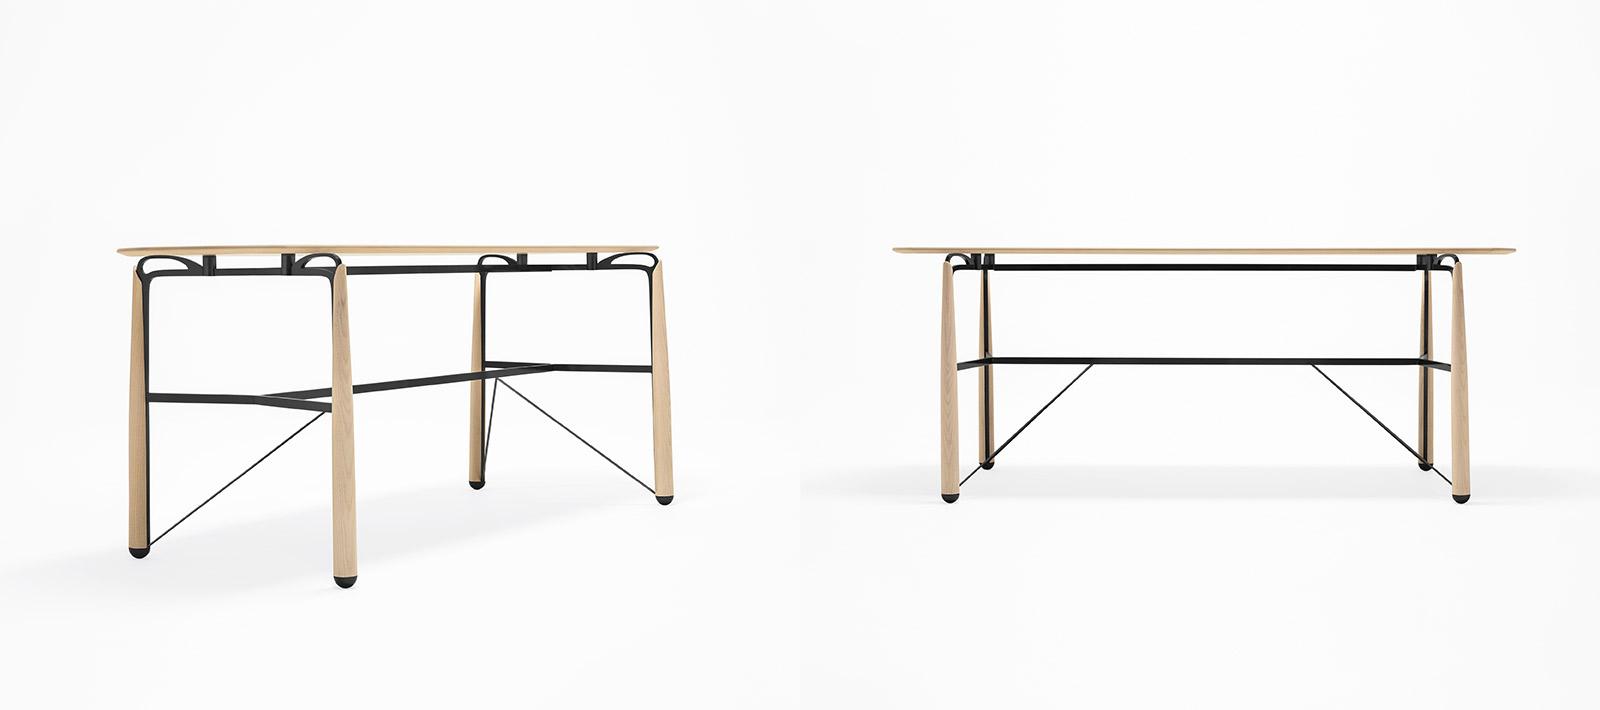 Deck Collection by Rossella Pugliatti for Giorgetti